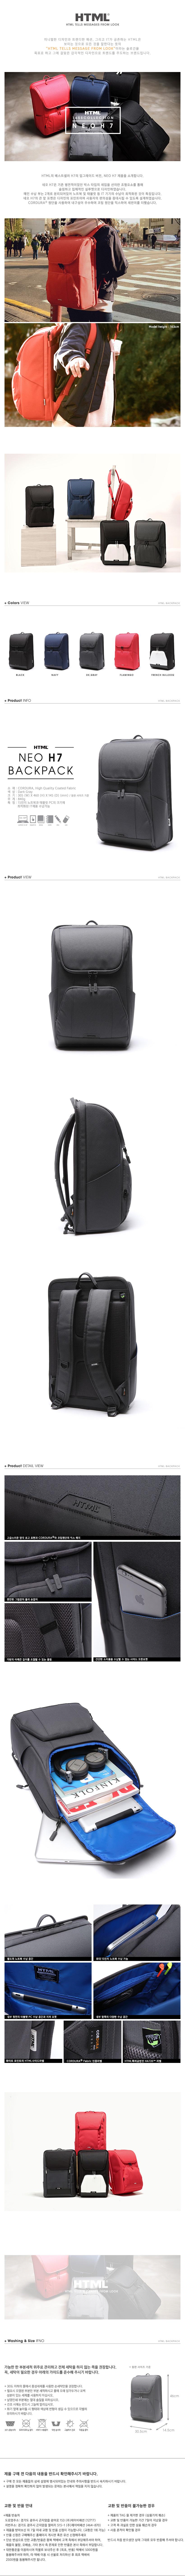 ★단독판매사은품★[에이치티엠엘]HTML - Neo H7 Backpack (DK.GRAY) 네오 백팩 신학기 학생